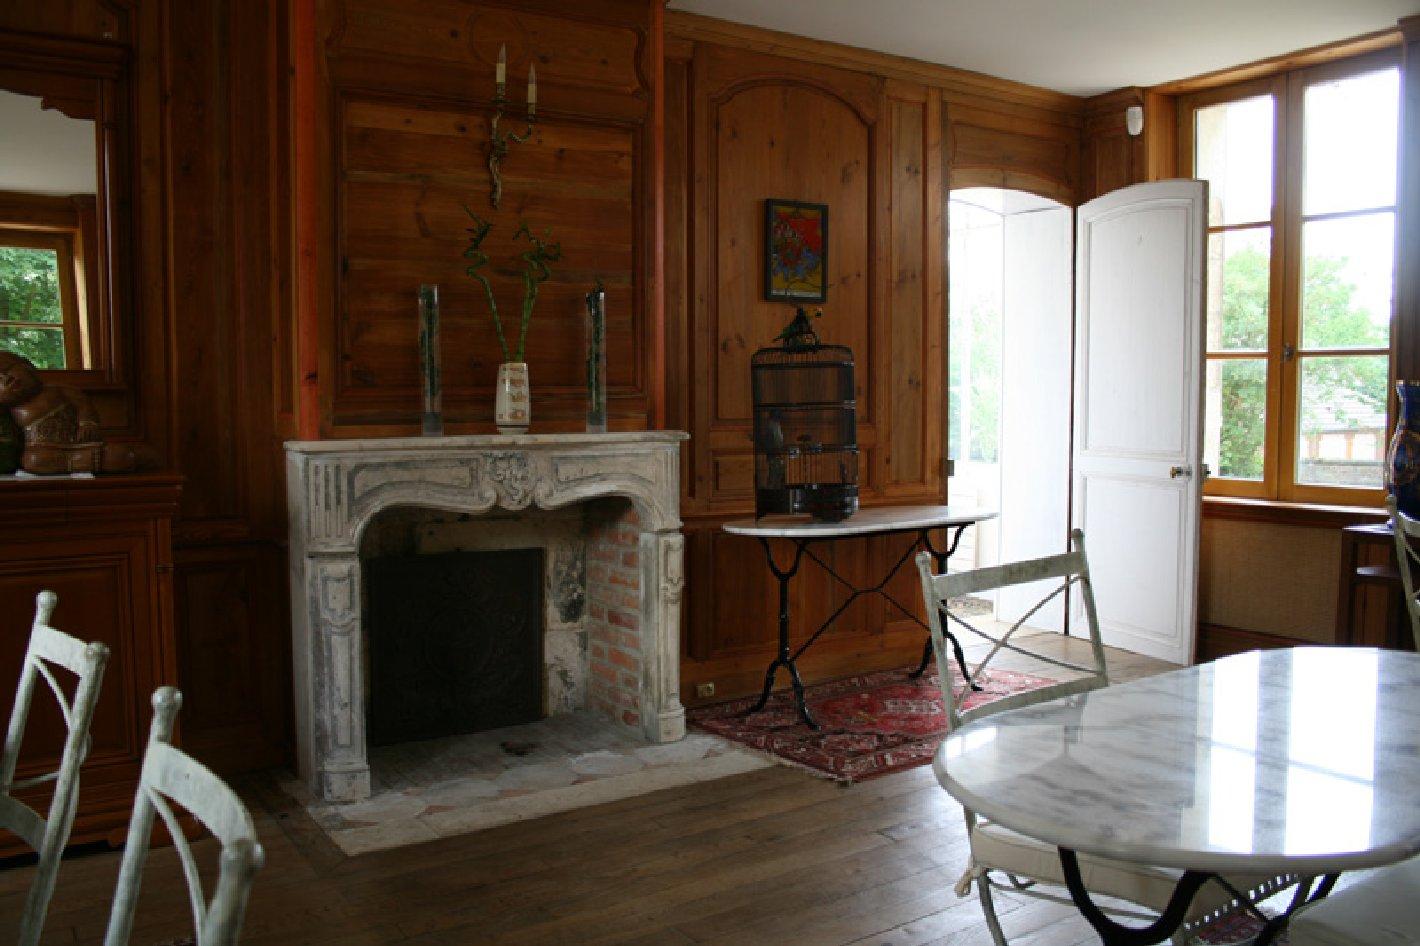 Vente Chambres D Hotes Ou Gite À Paris, 15 Pièces, 517 M2 tout Chambre D Hotes Maintenon